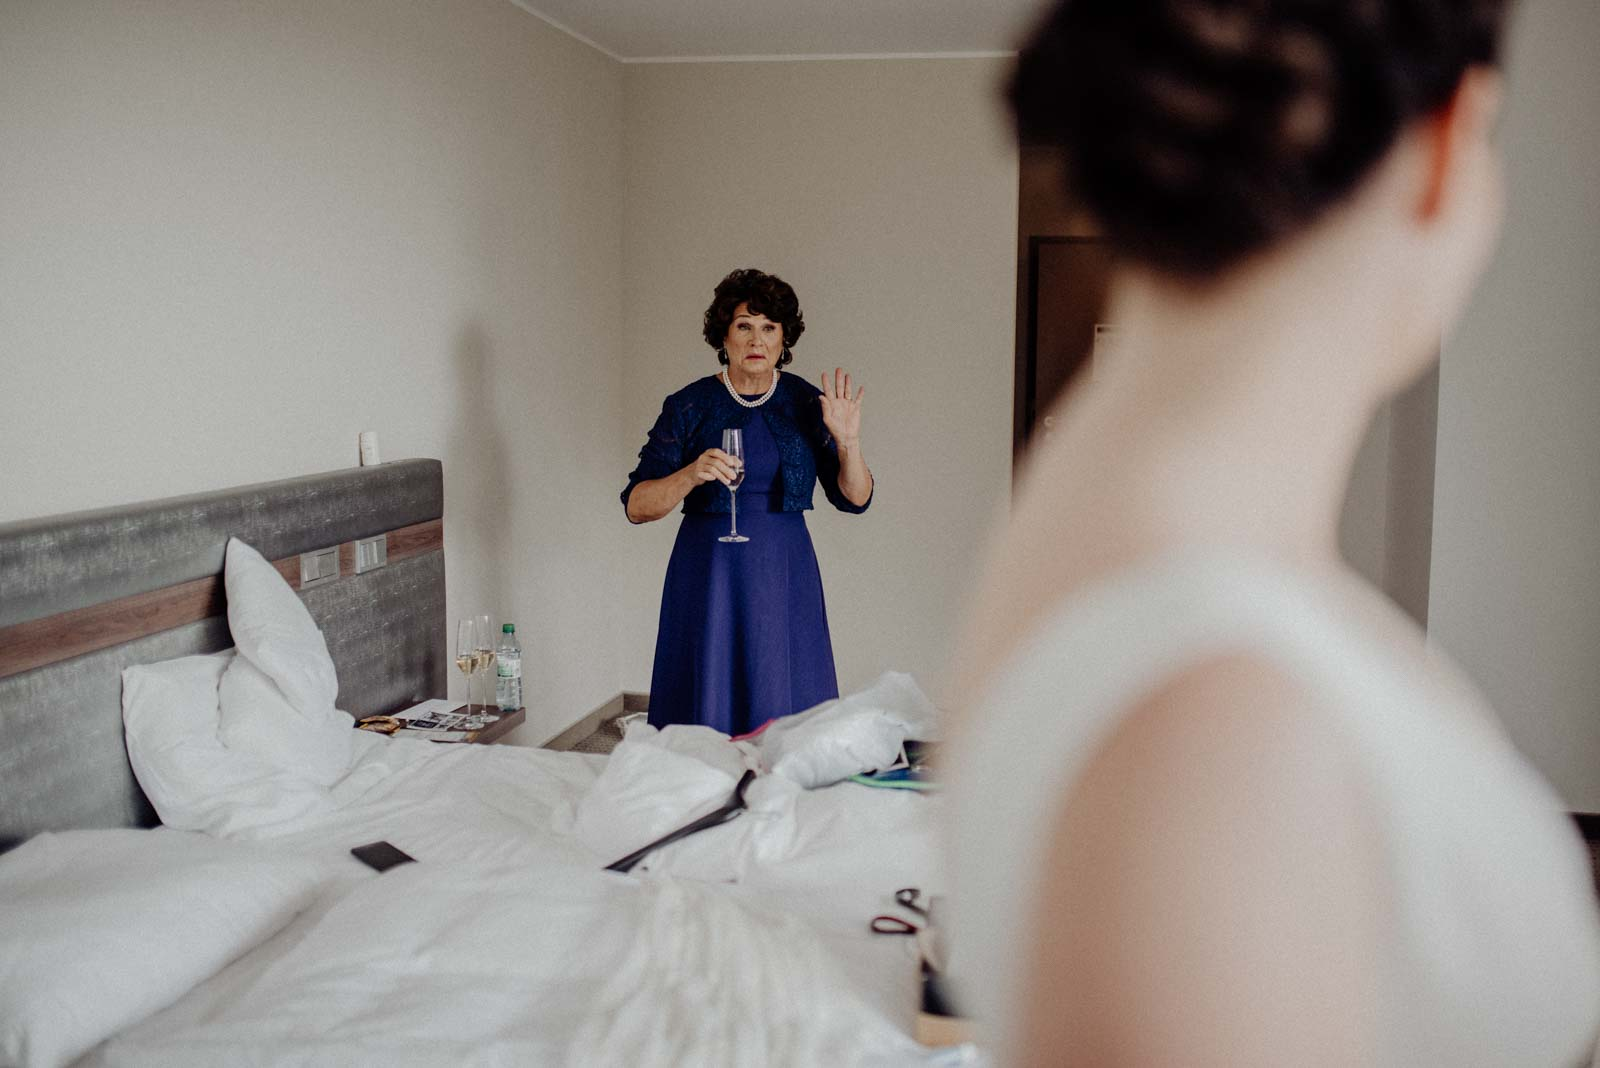 Beim mAnblick der Tochter im Brautkleid weint Mama